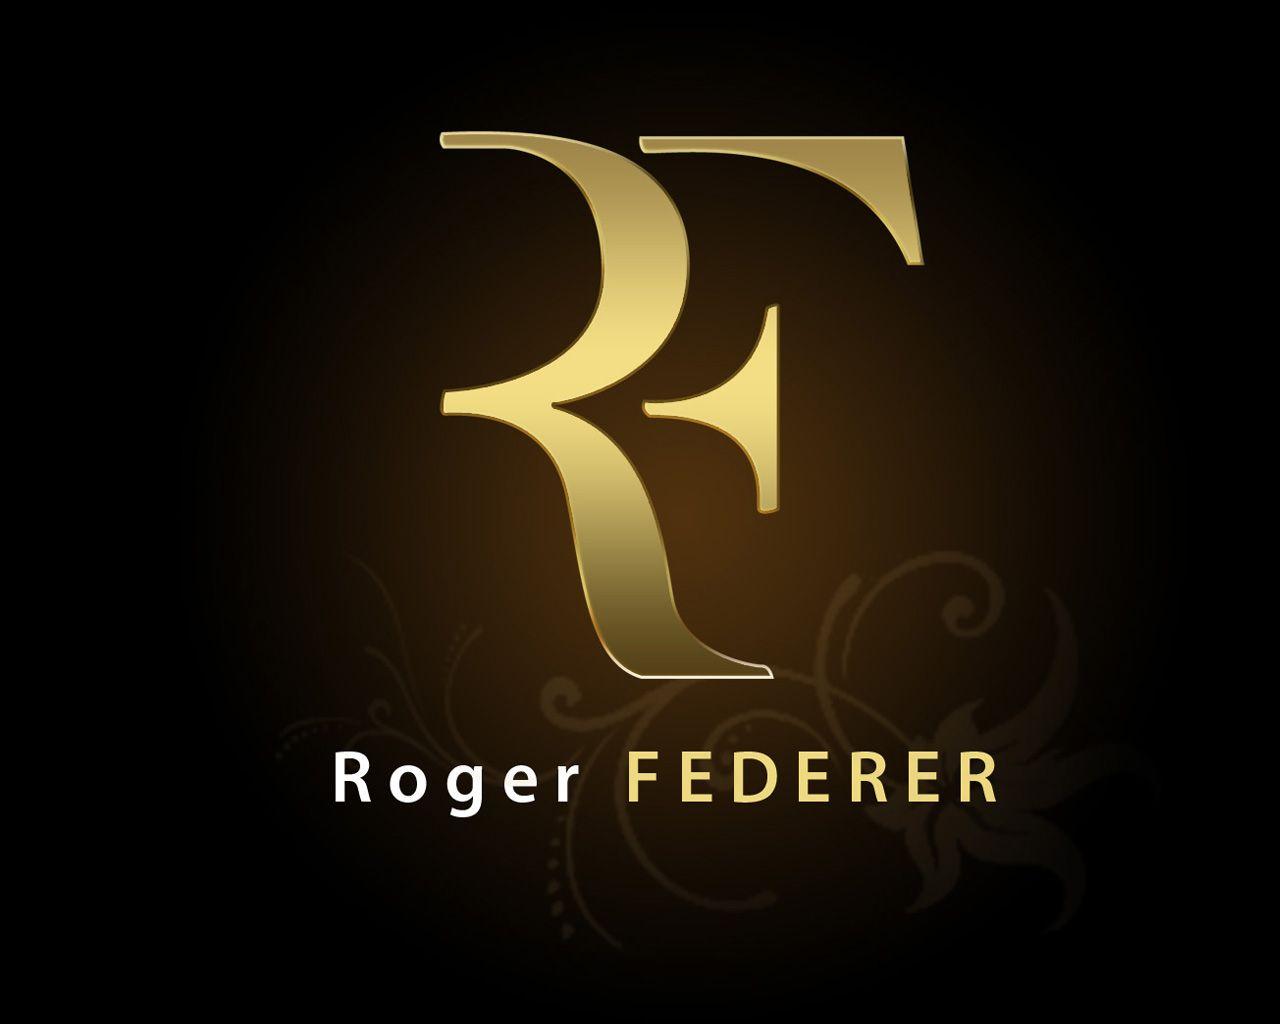 Roger Federer Logo Trident Marketing Services Roger Federer Roger Federer Logo Air Max Day